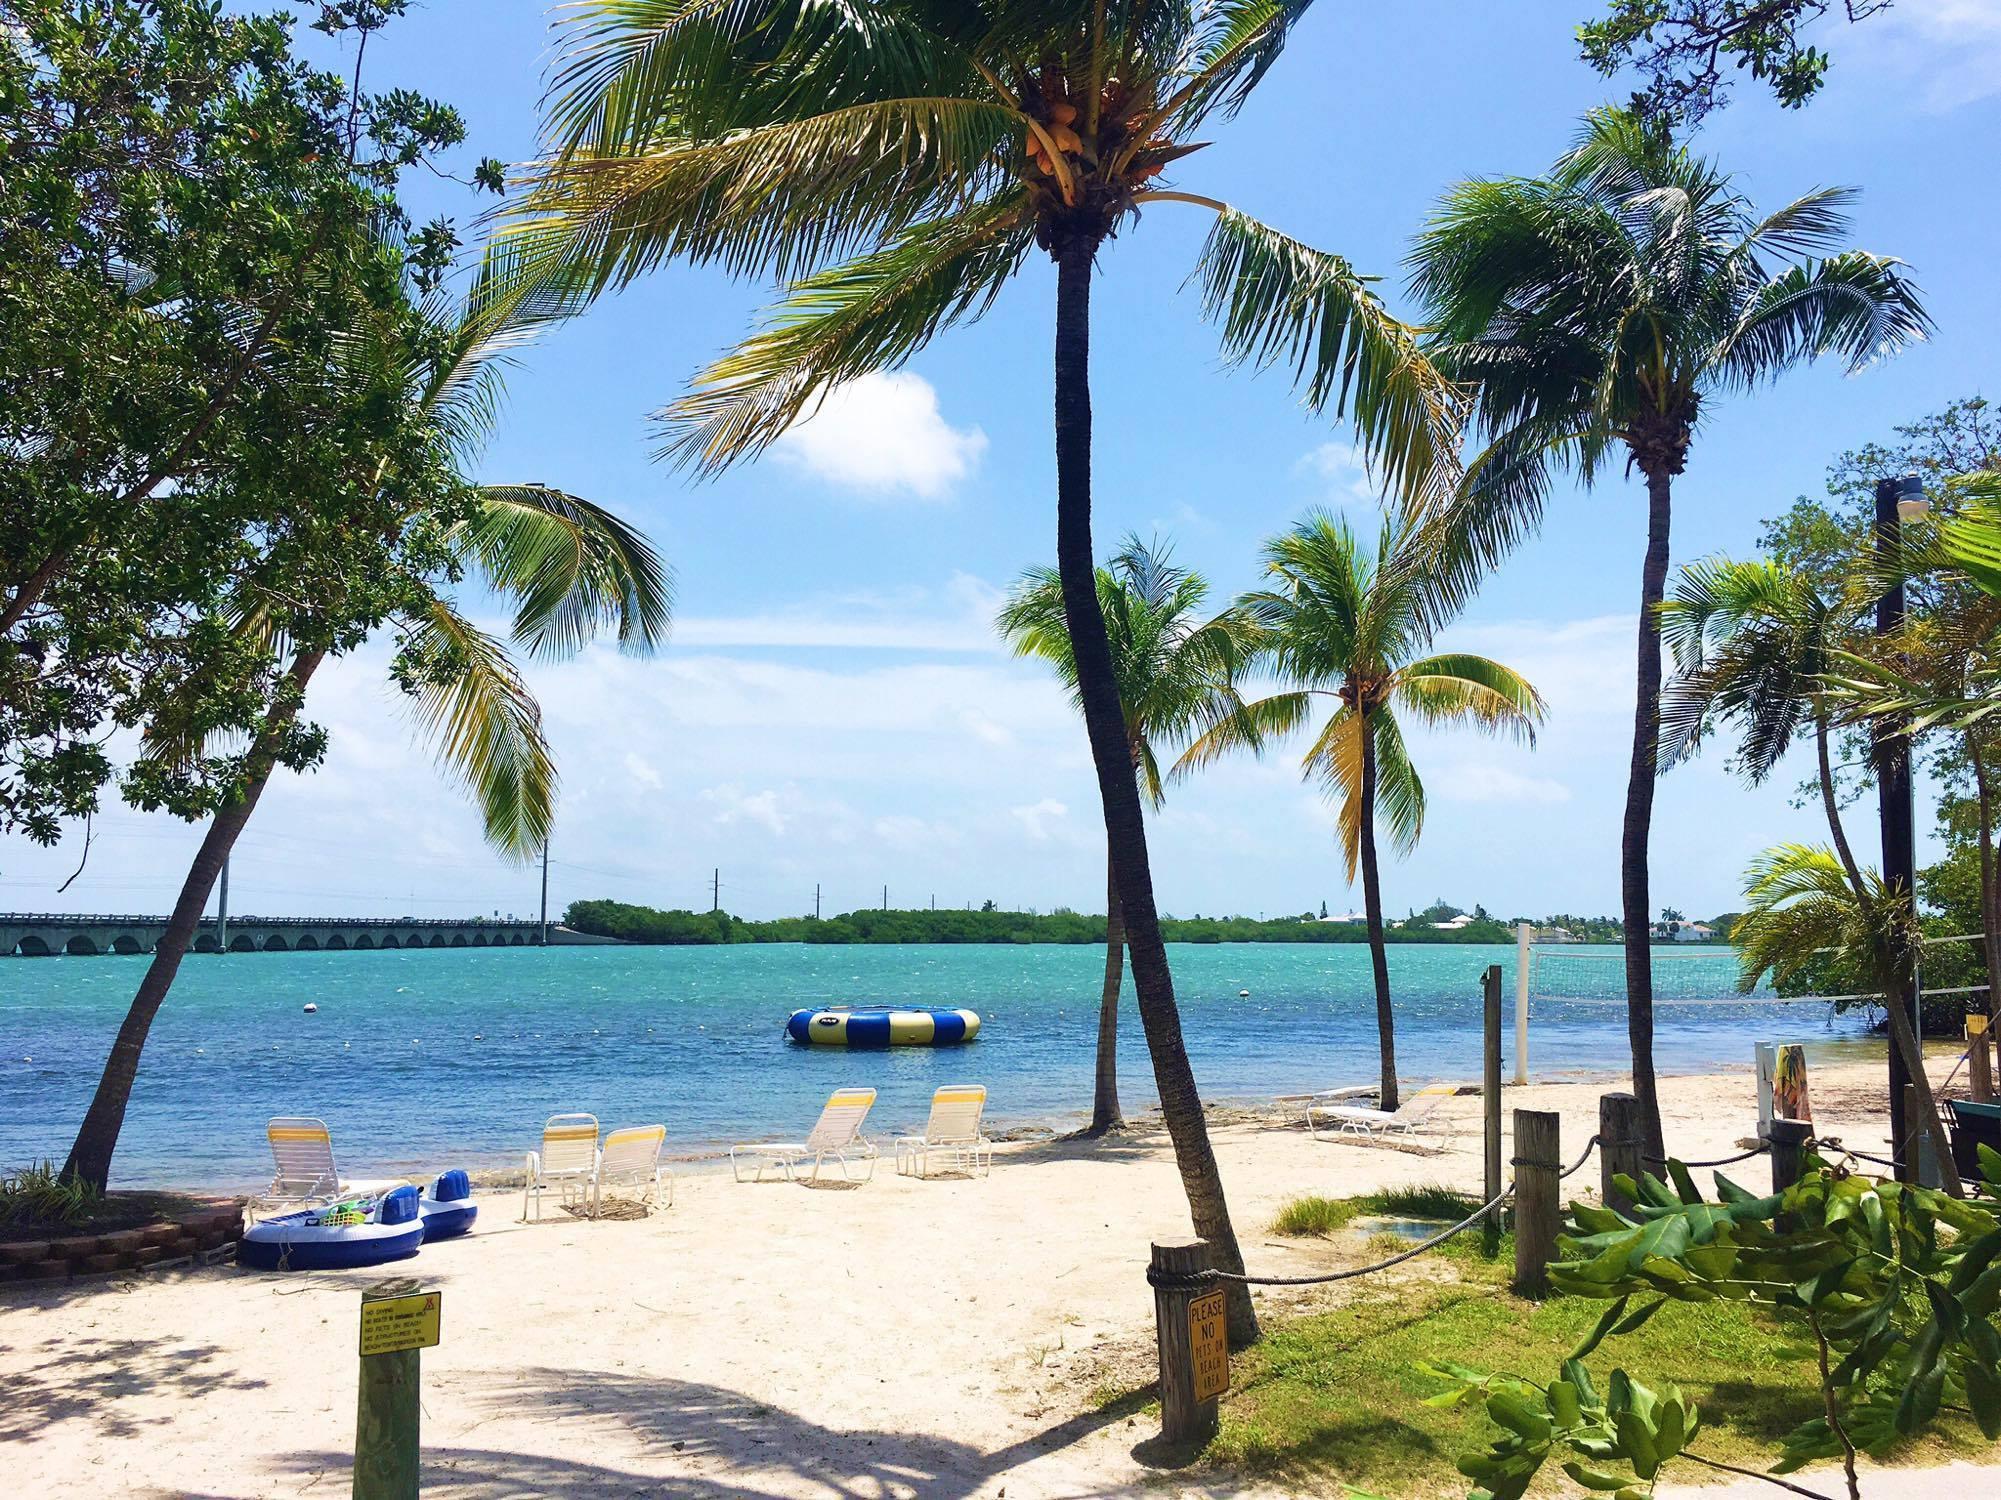 Our own beach